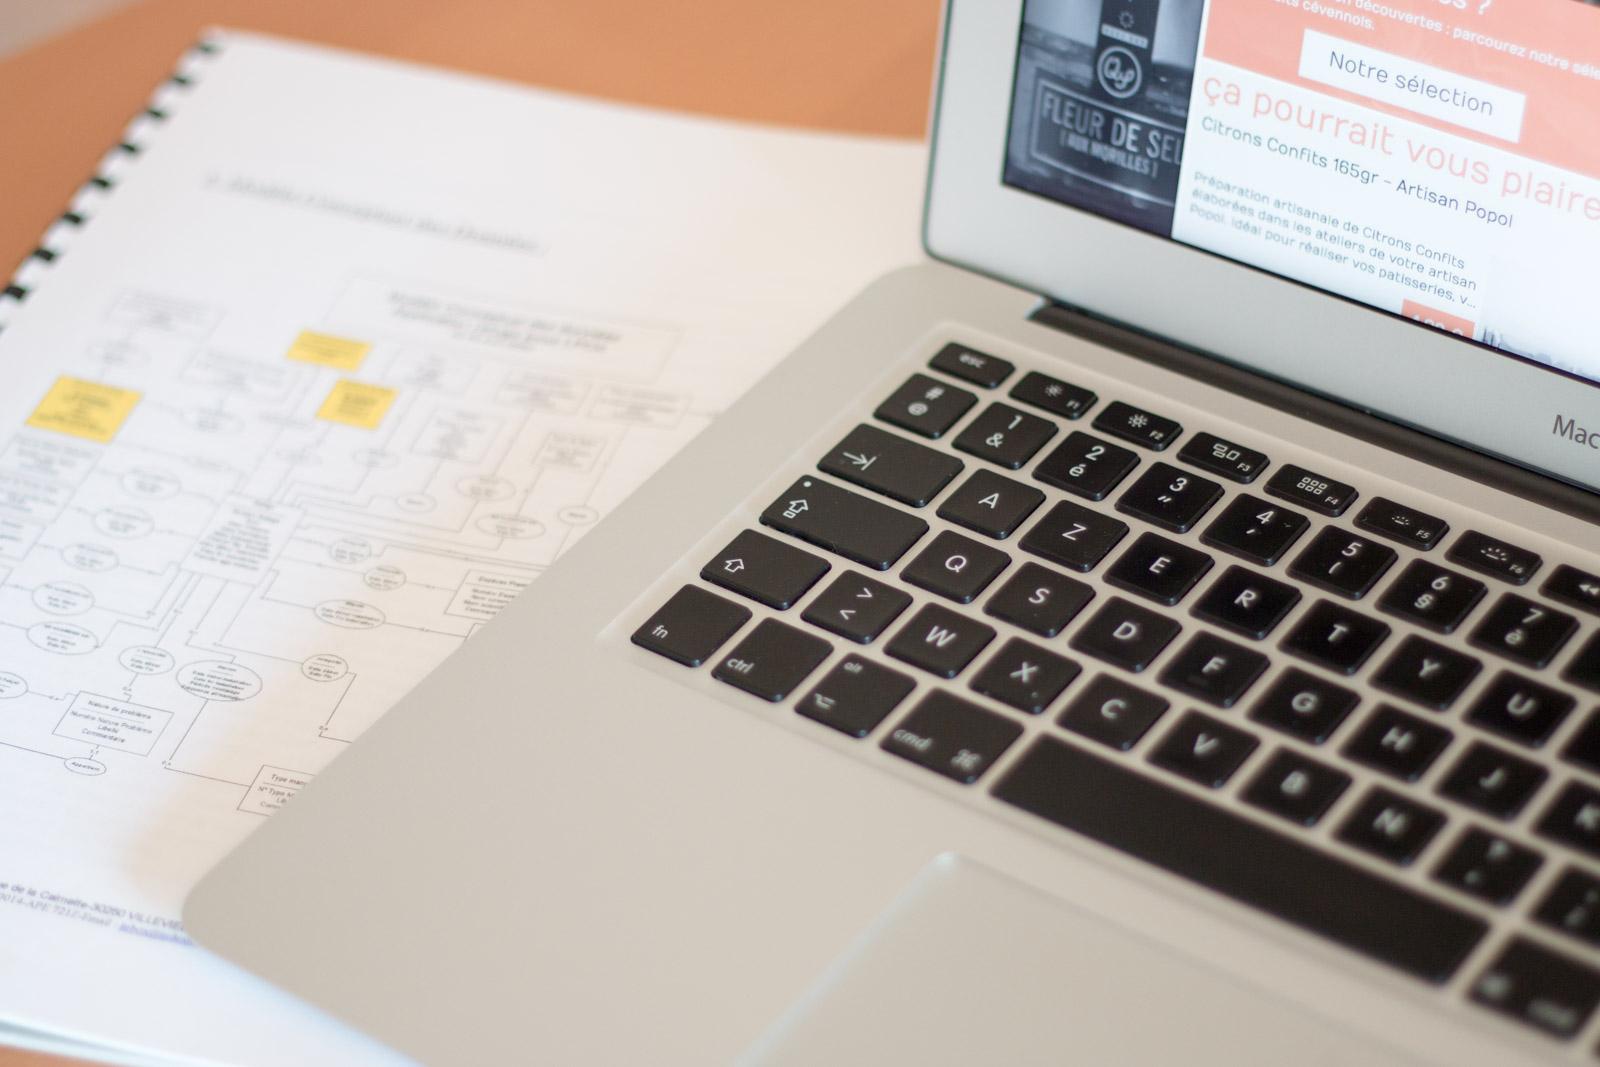 Développement de logiciels et applications spécifique